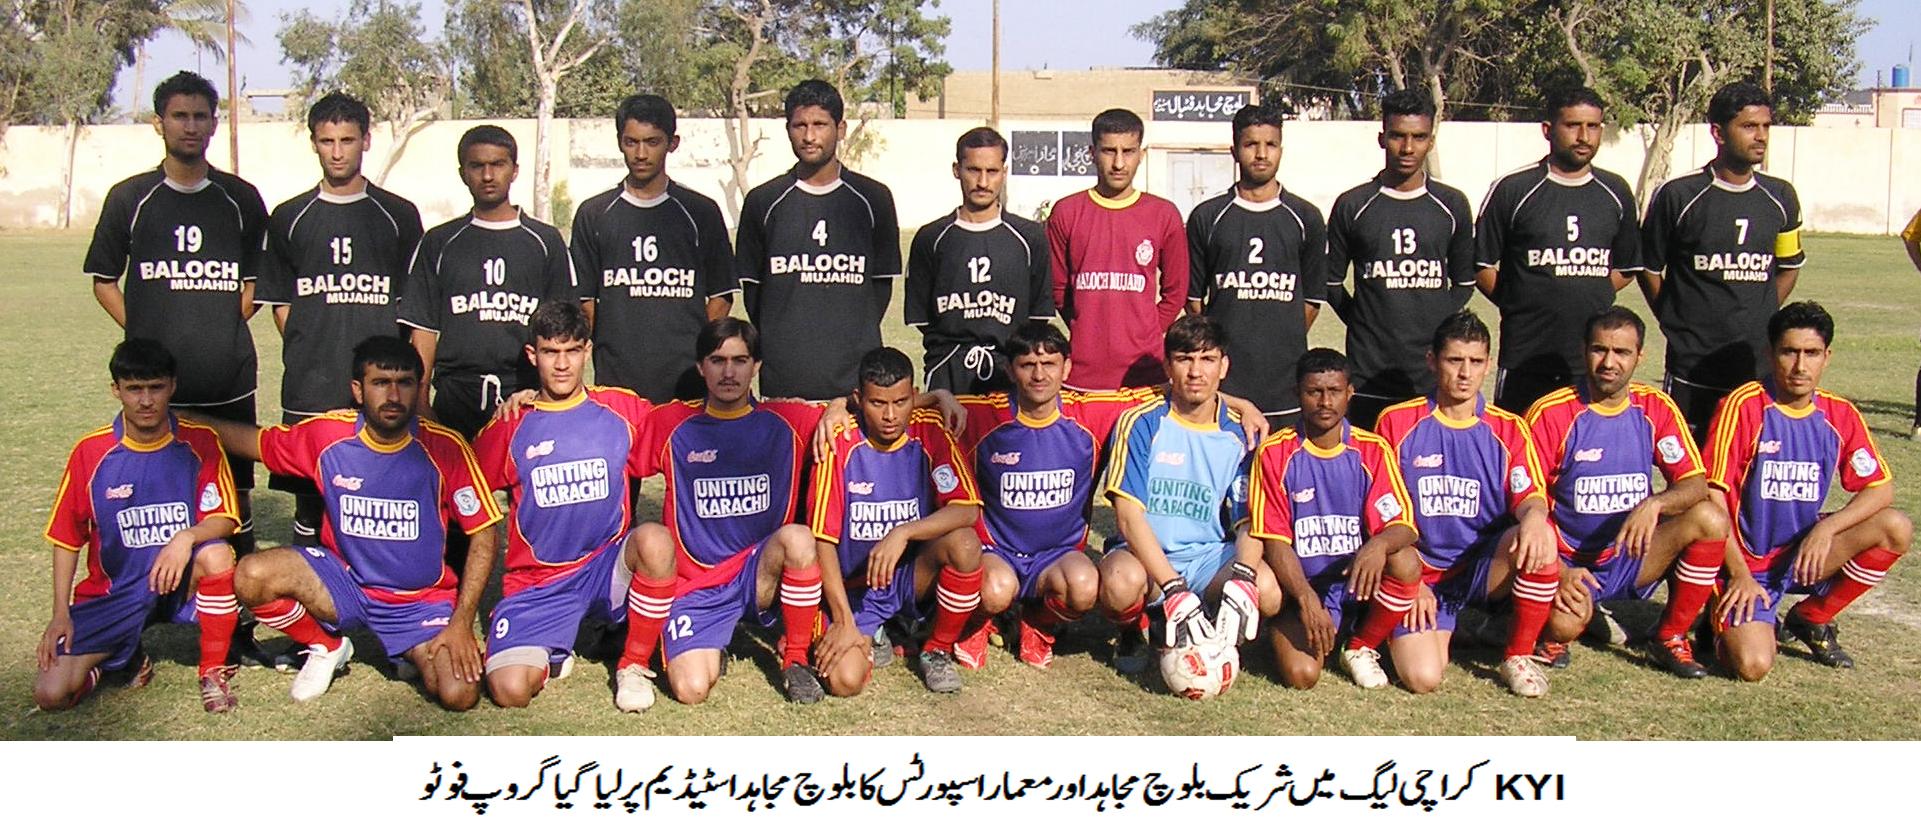 Karachi Football League Update 02.03.2014